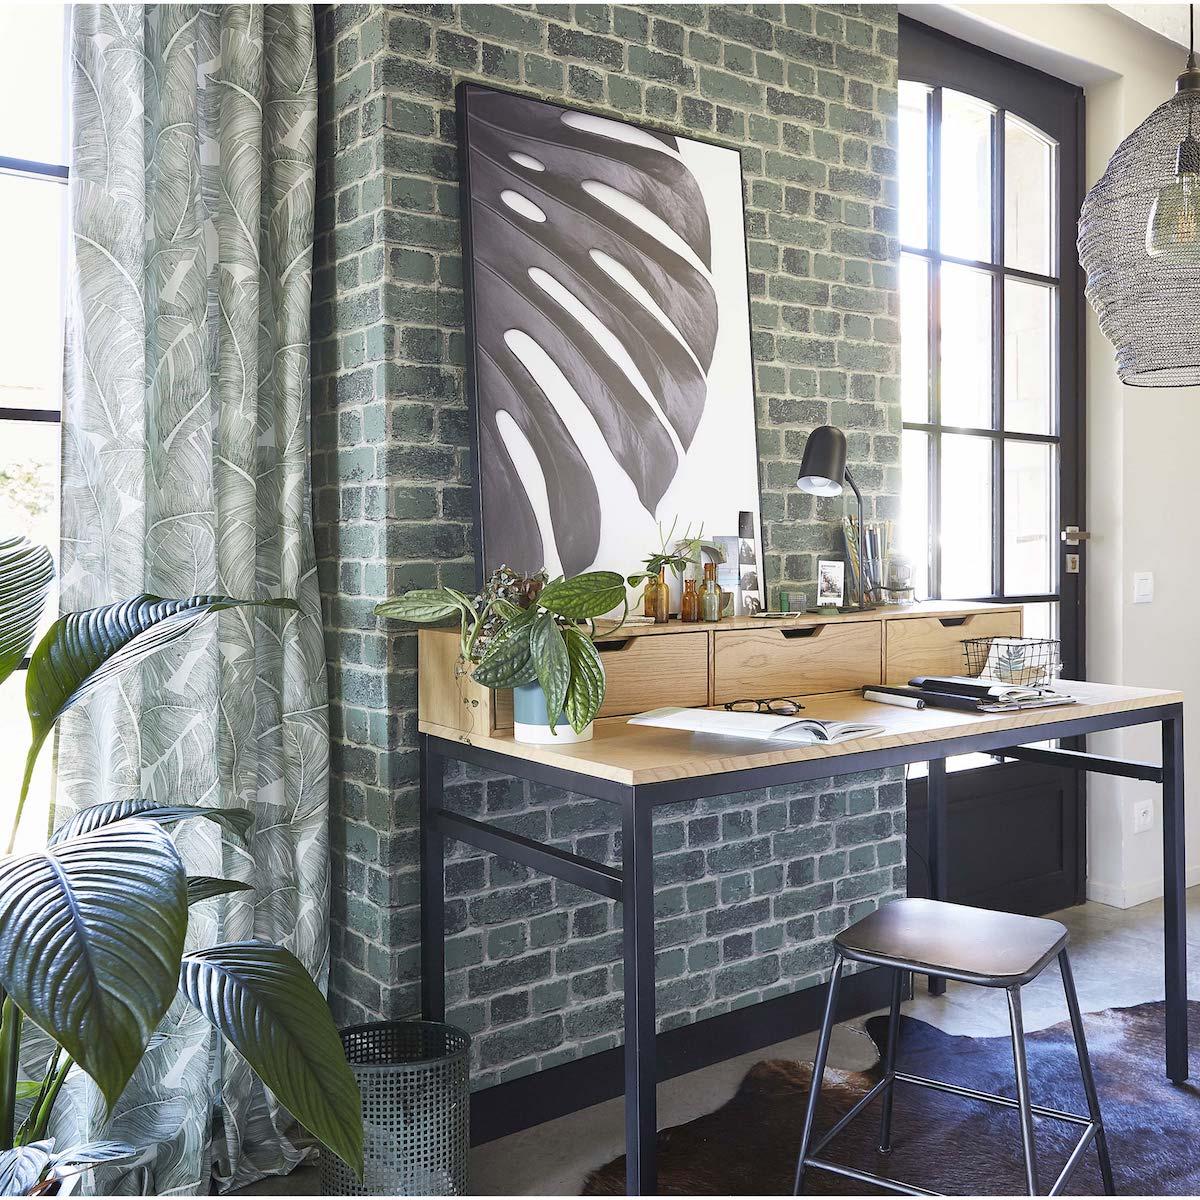 bureau urban jungle gris vert table bois finition métallique noir tapis peau de vache clematc